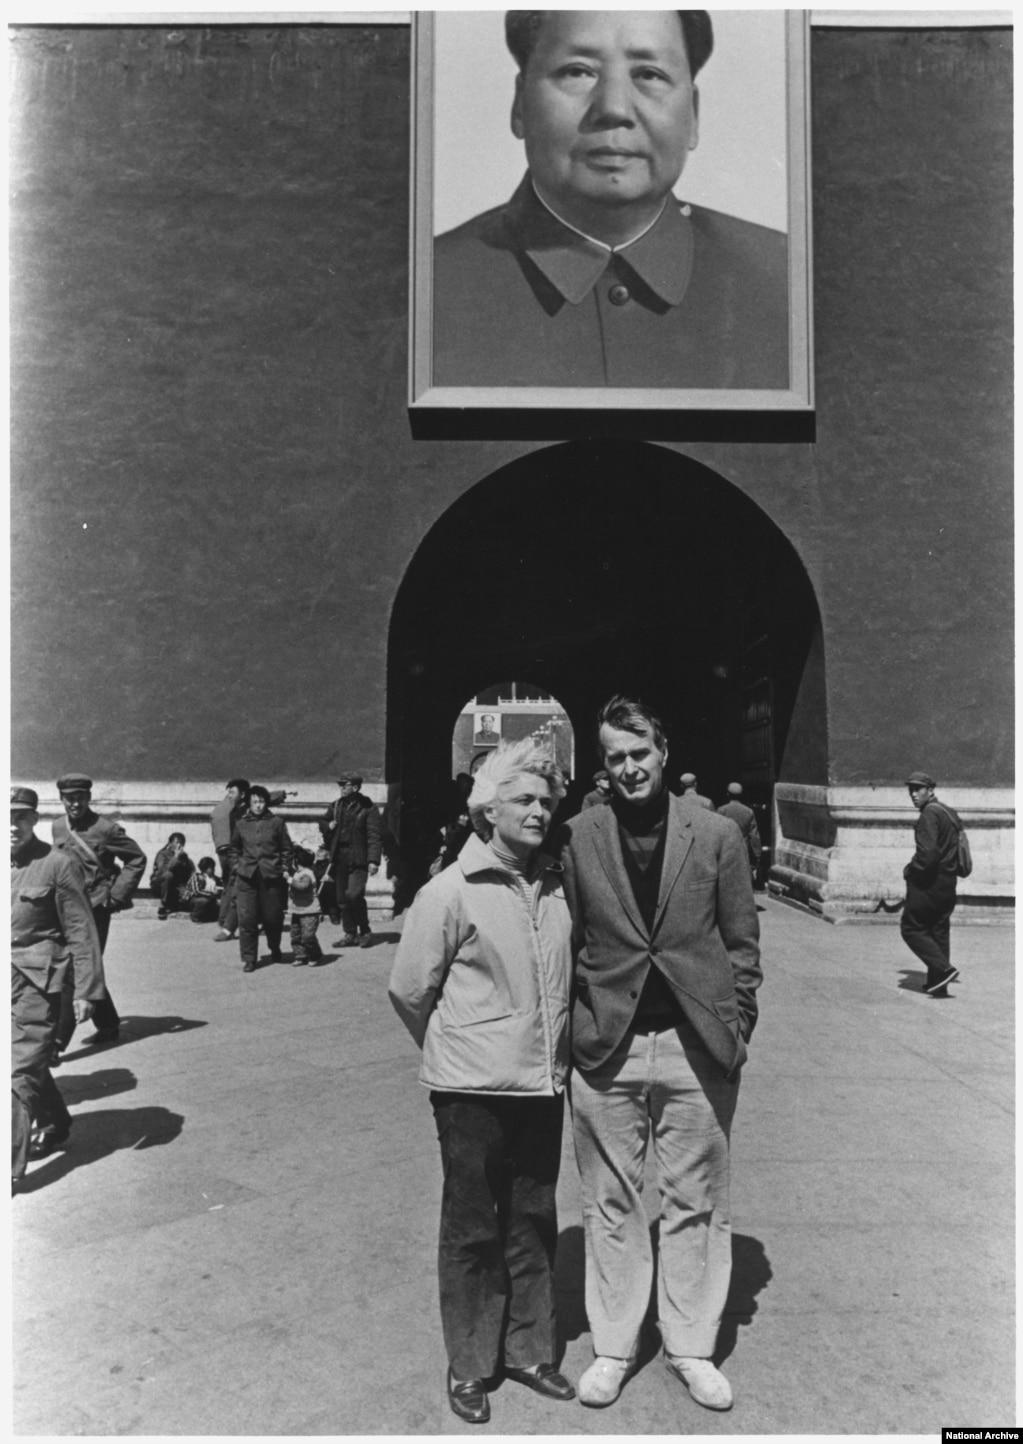 1975年美國駐北京聯絡處主任喬治·布什(老布什)和夫人在北京天安門前。 喬治•布什(George HW Bush)在1974-1975間出使北京。 就職前先後經商和從政,曾任美國國會眾議員、共和黨全國委員會主席、美國駐聯合國代表。 在從中國返回美國後, 擔任中央情報局局長,後來被選為美國副總統,1981年就職。 布什夫婦在北京時曾騎著自行車遊逛。 後來布什夫人回顧那段歷史時還清楚記得,當時的存車費是兩分錢。